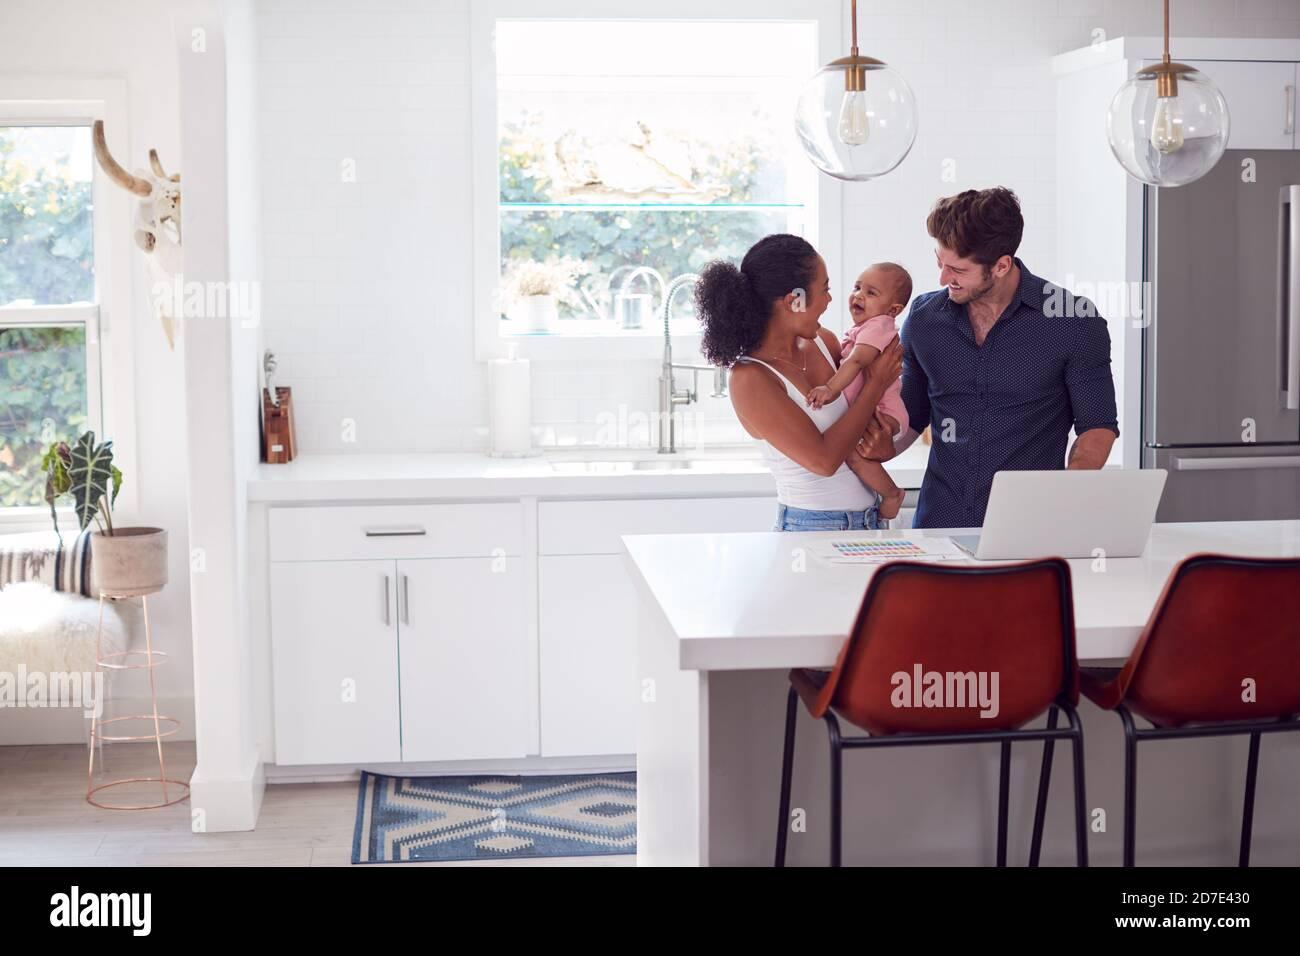 Famille avec bébé fille dans la cuisine utilisant un ordinateur portable sur le comptoir Banque D'Images